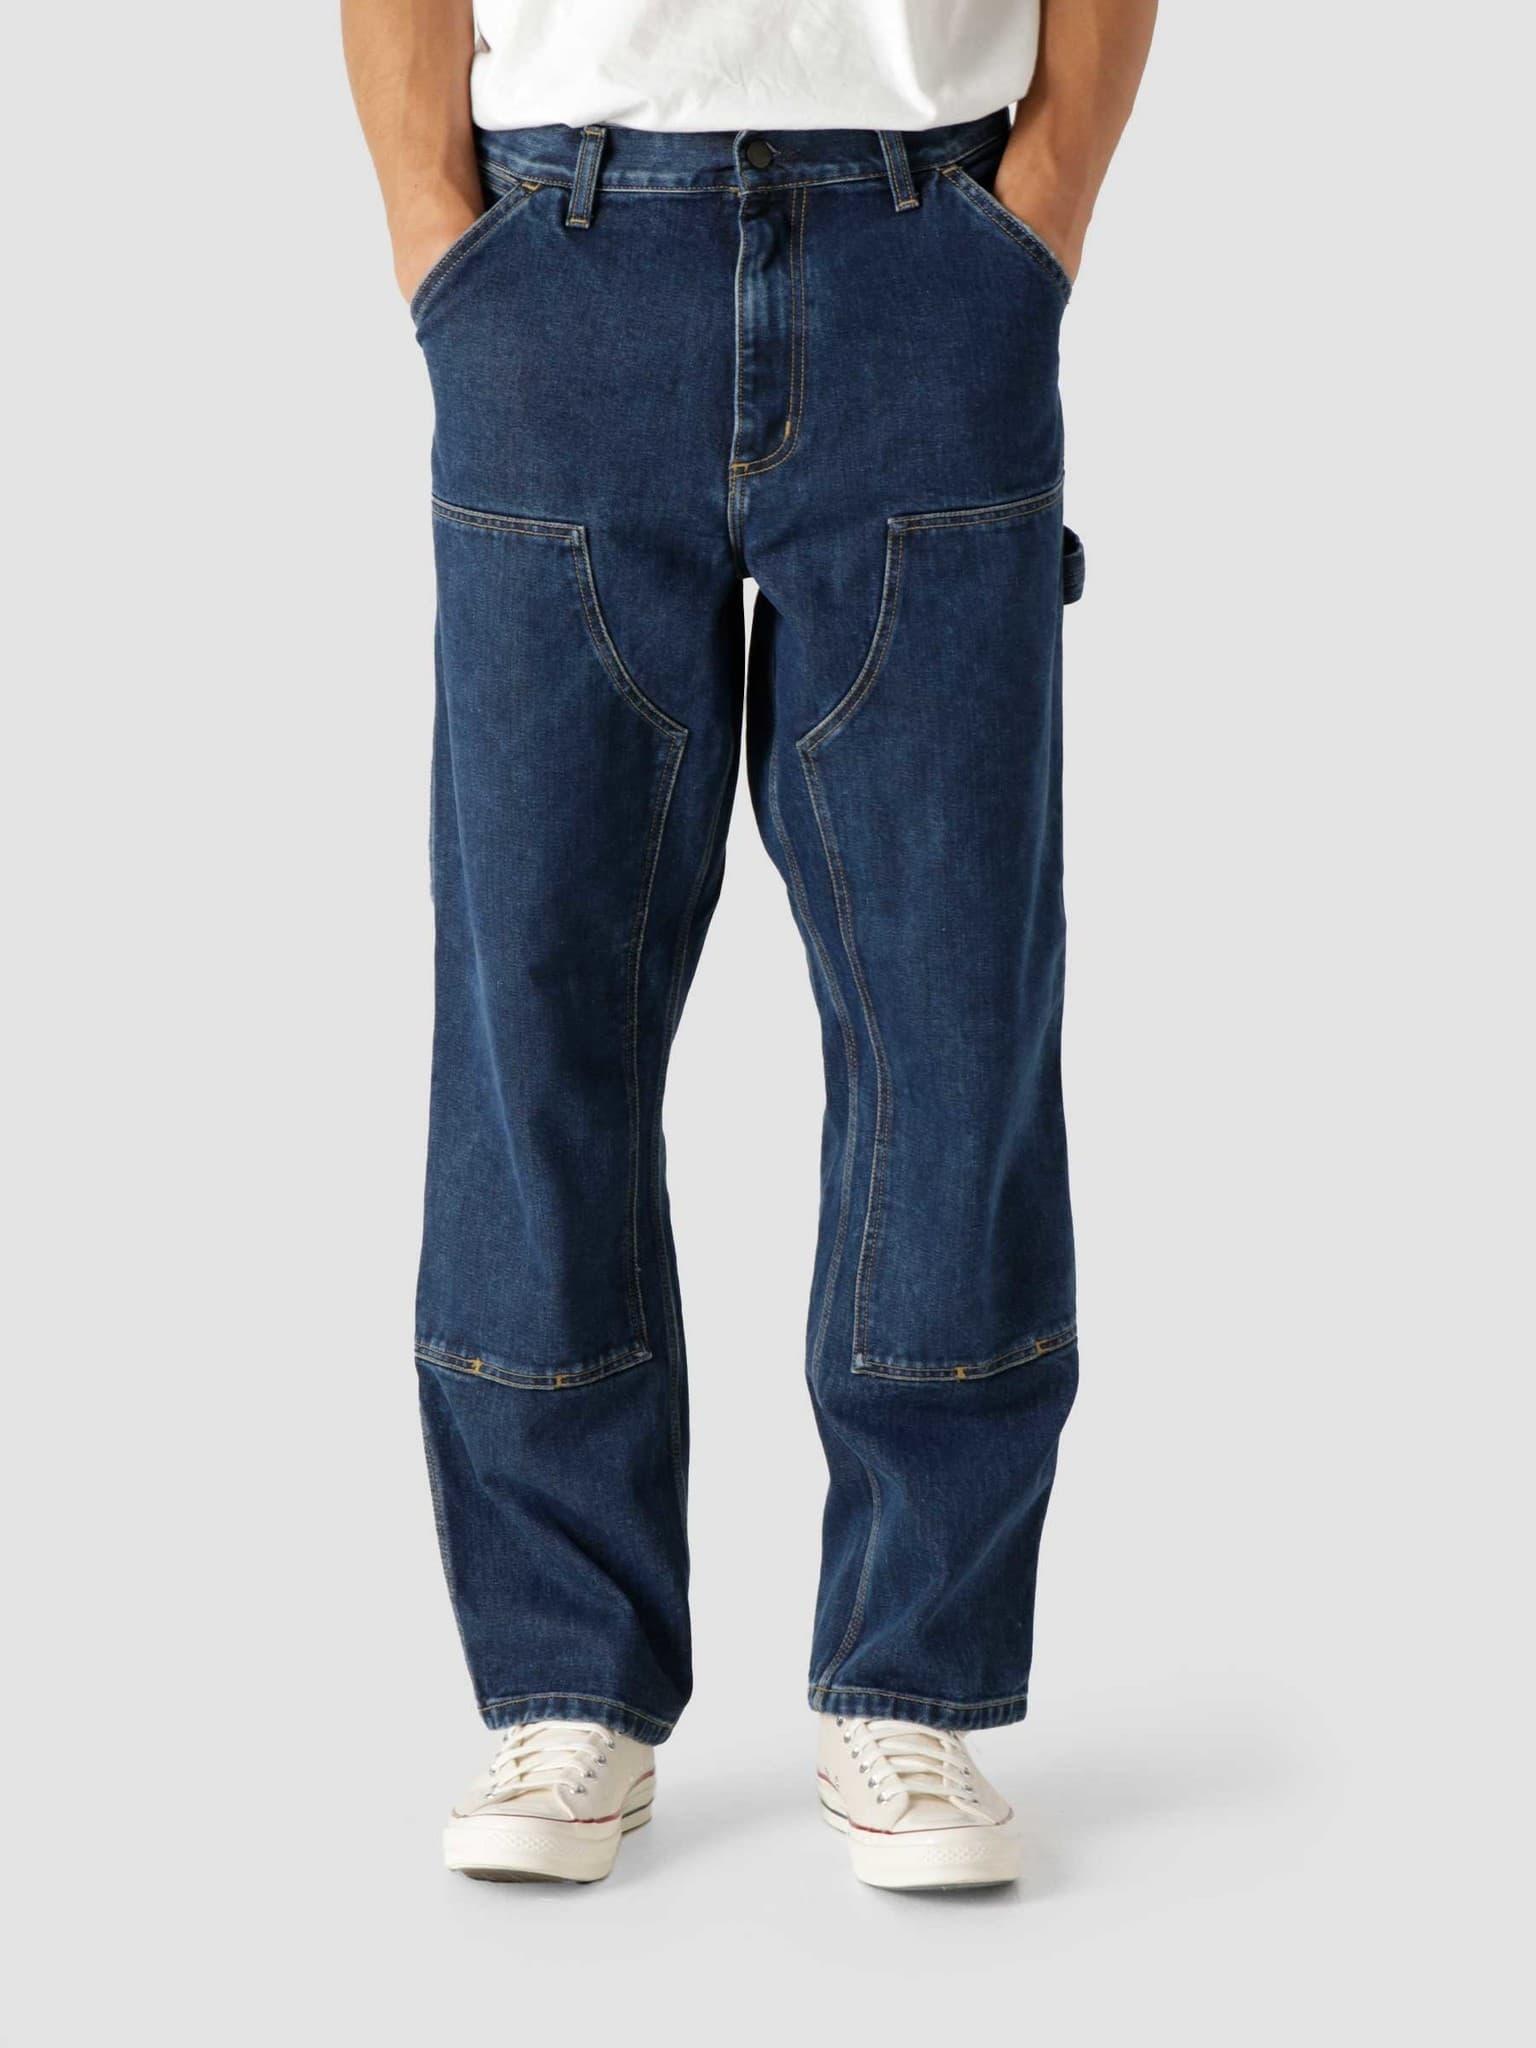 Double Knee Pant Blue Stone Washed I029206-106